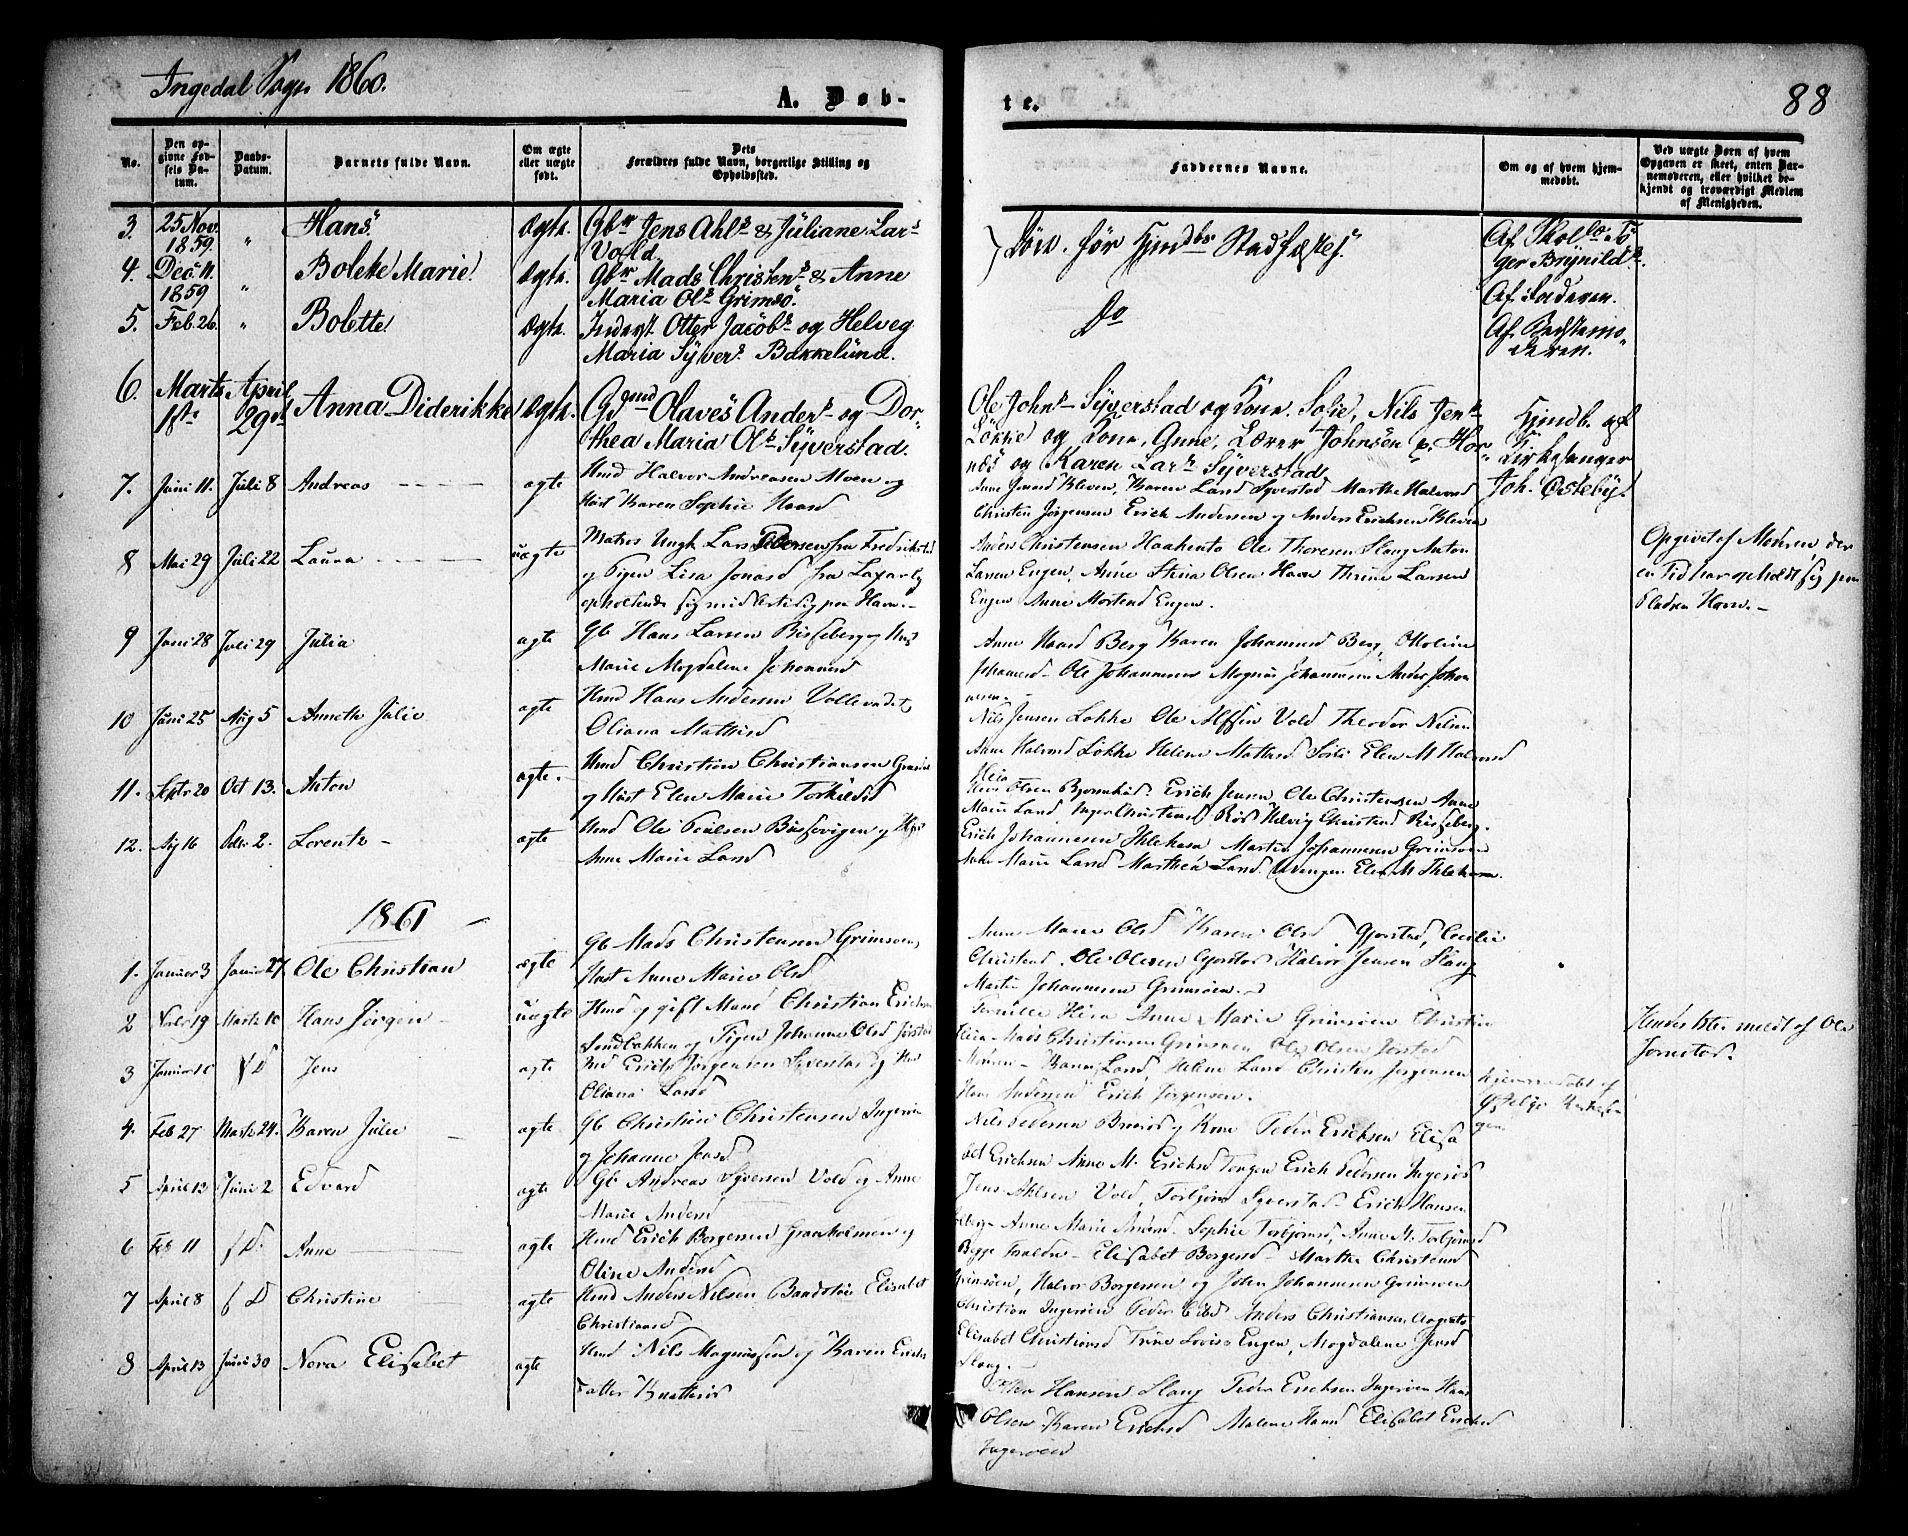 SAO, Skjeberg prestekontor Kirkebøker, F/Fa/L0007: Ministerialbok nr. I 7, 1859-1868, s. 88